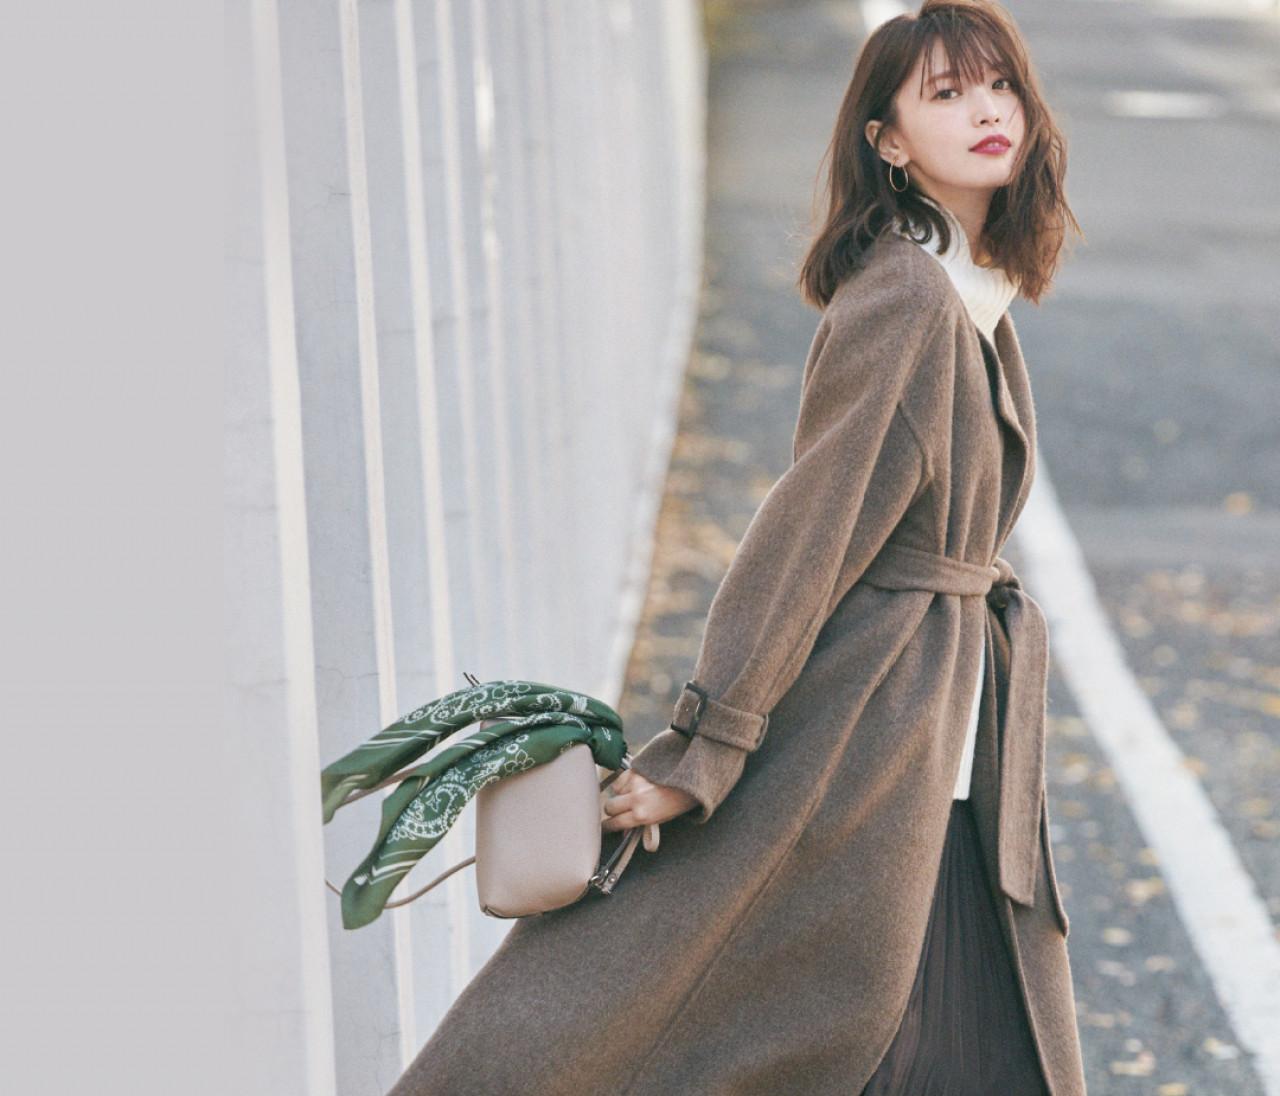 火曜日は、エレガントなガウンコート×プリーツスカートスタイル【30代今日のコーデ】